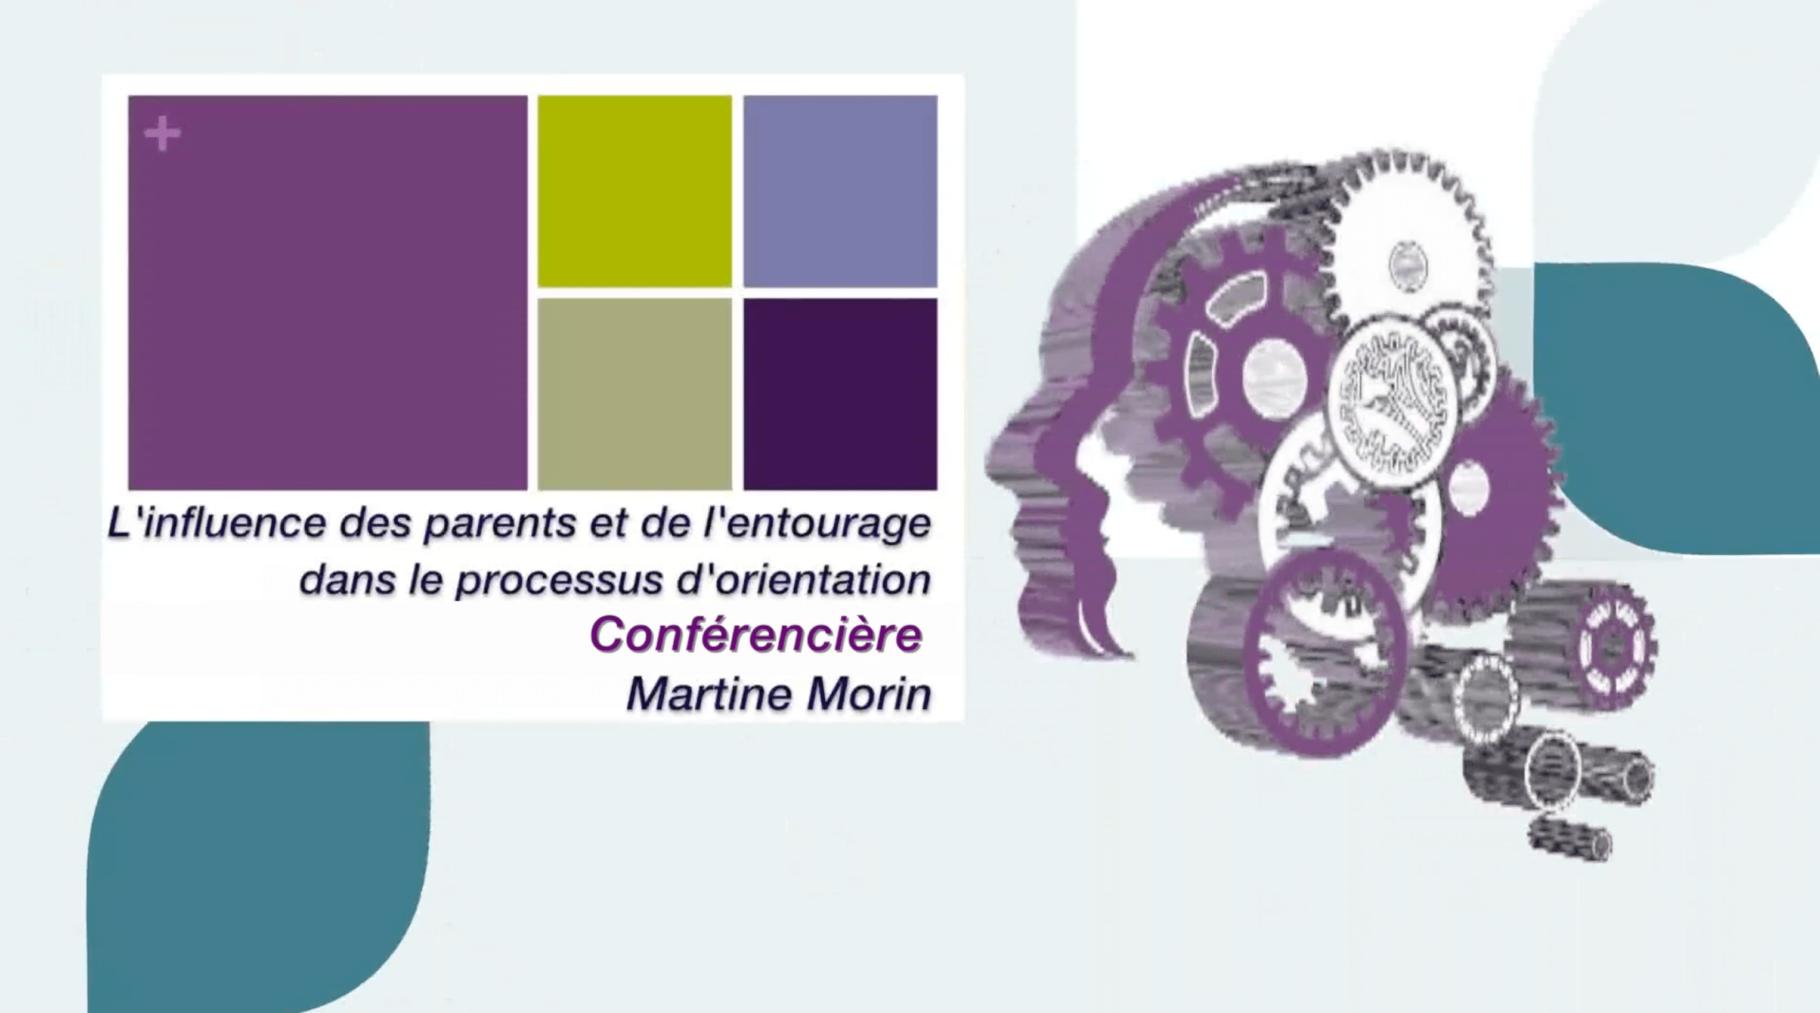 martine-morin-conference-sadressant-aux-parents